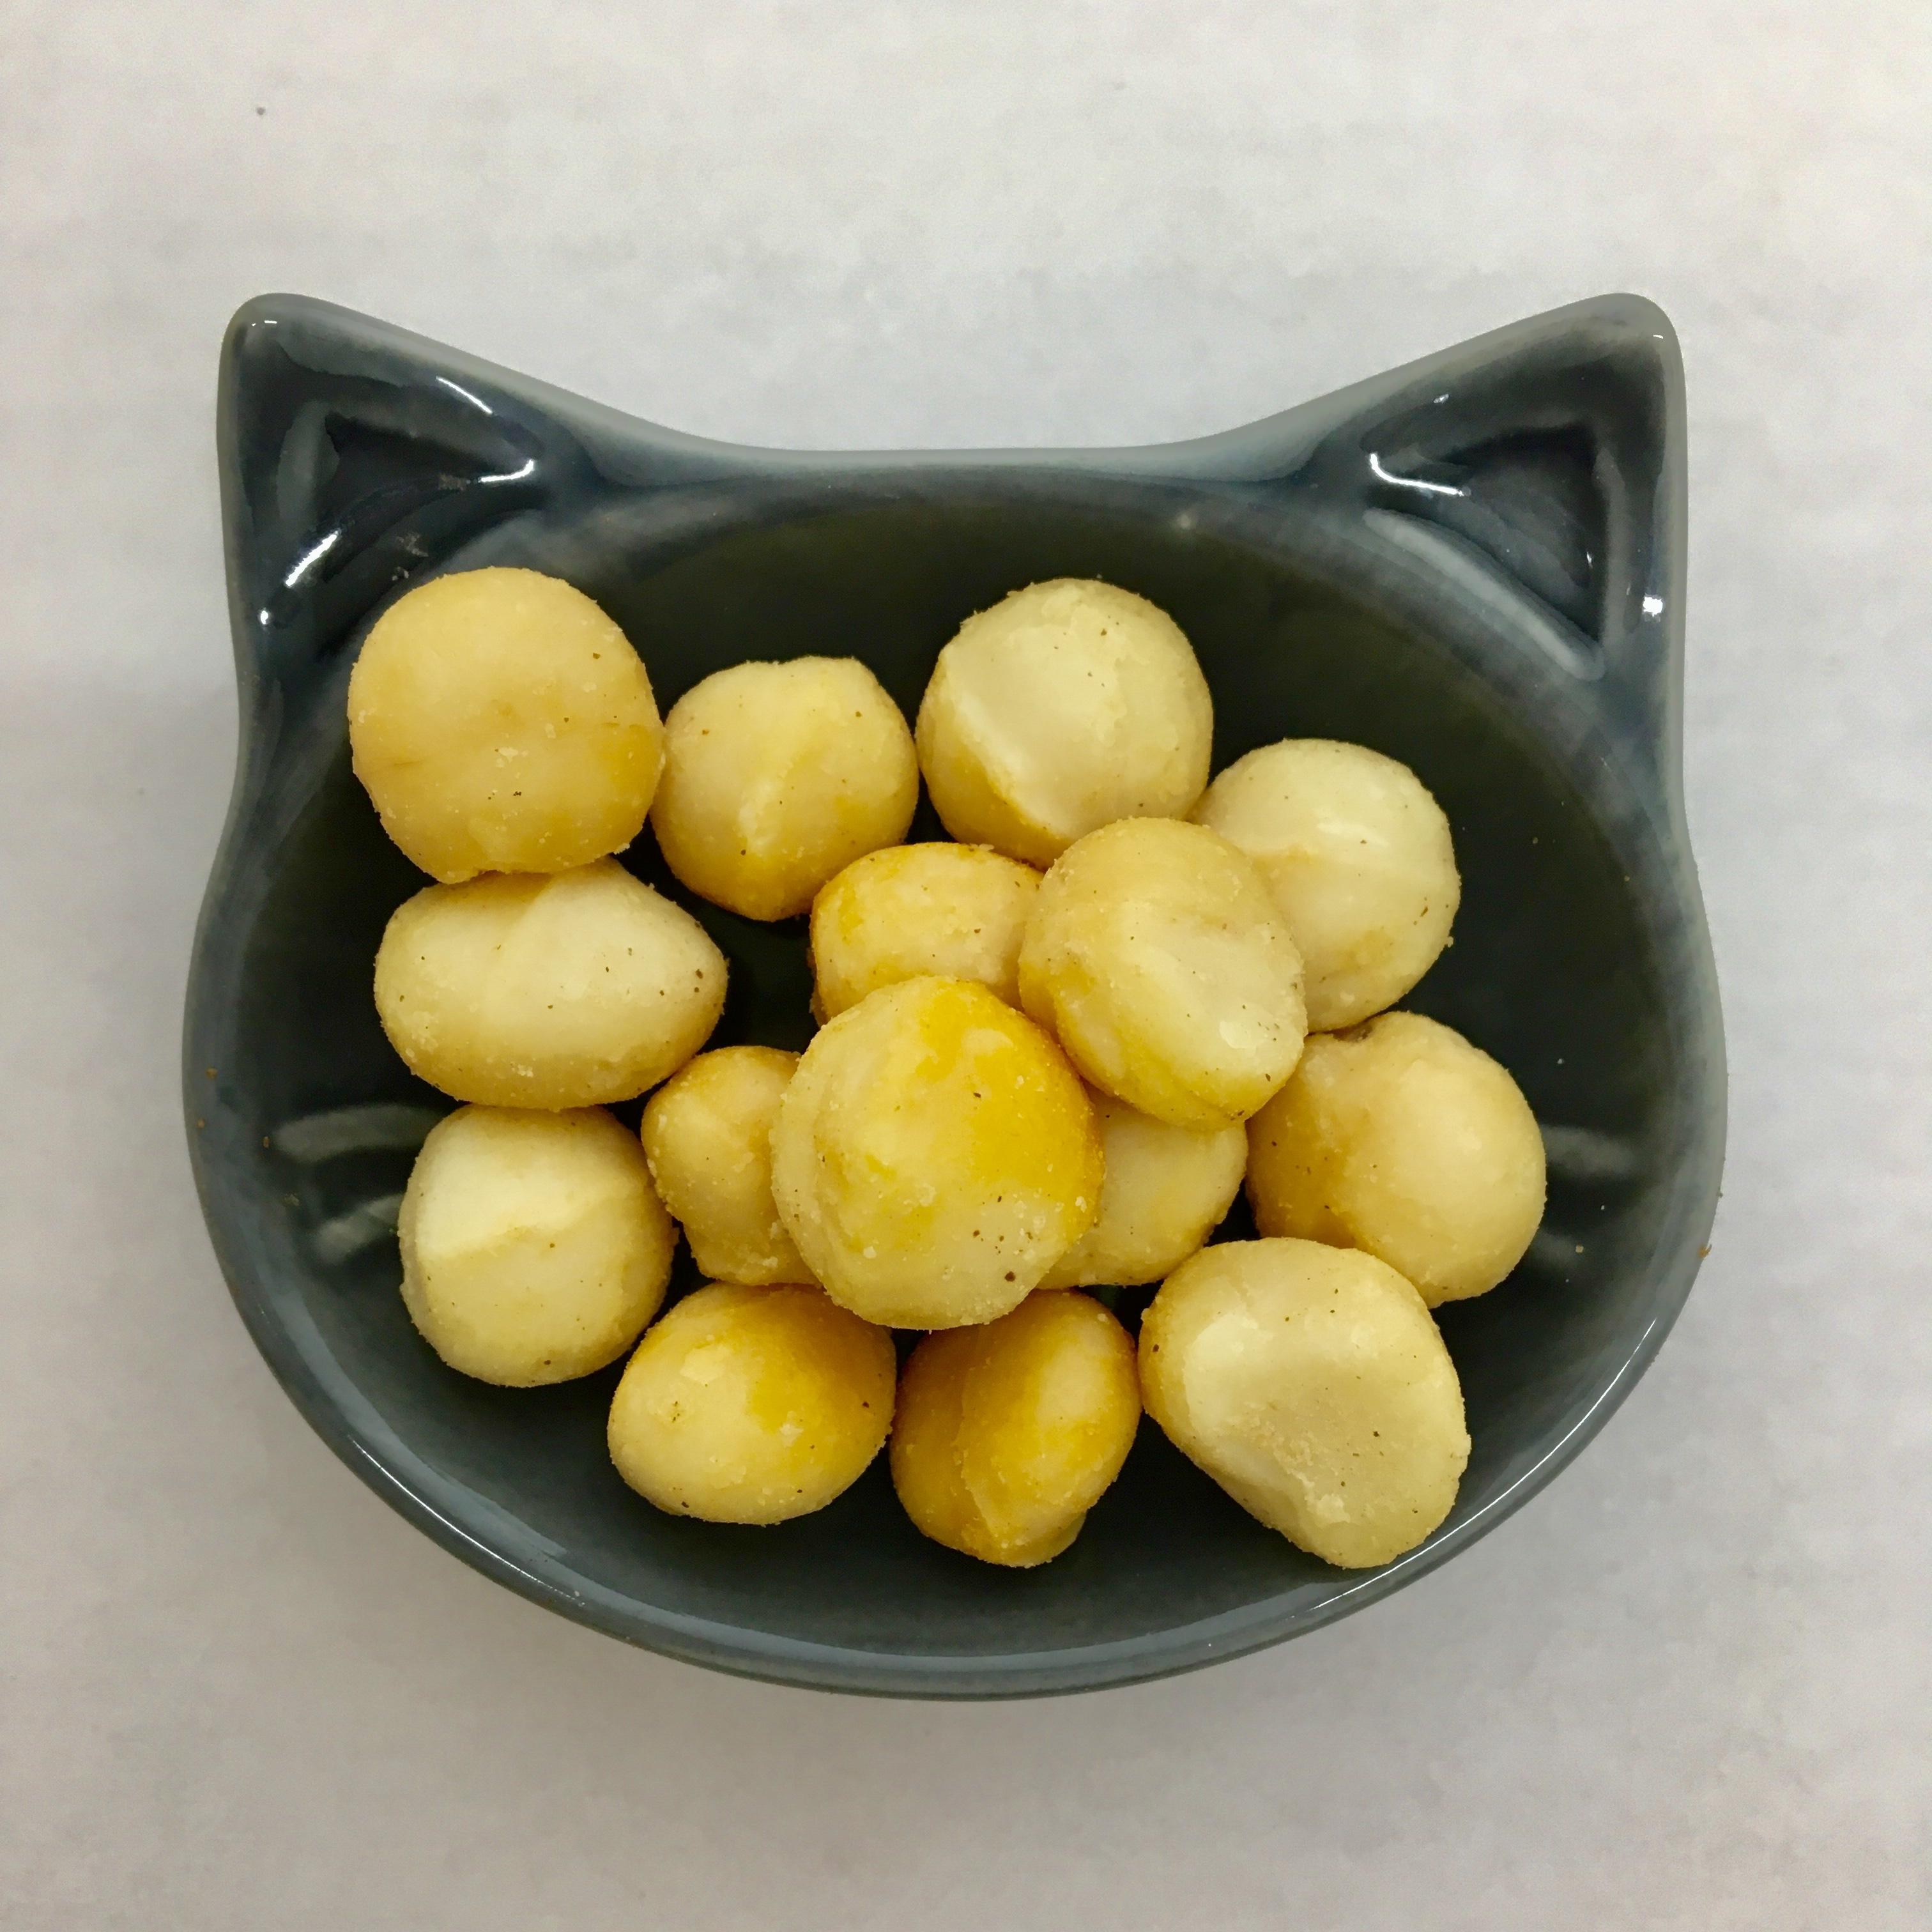 燻製マカダミアナッツ